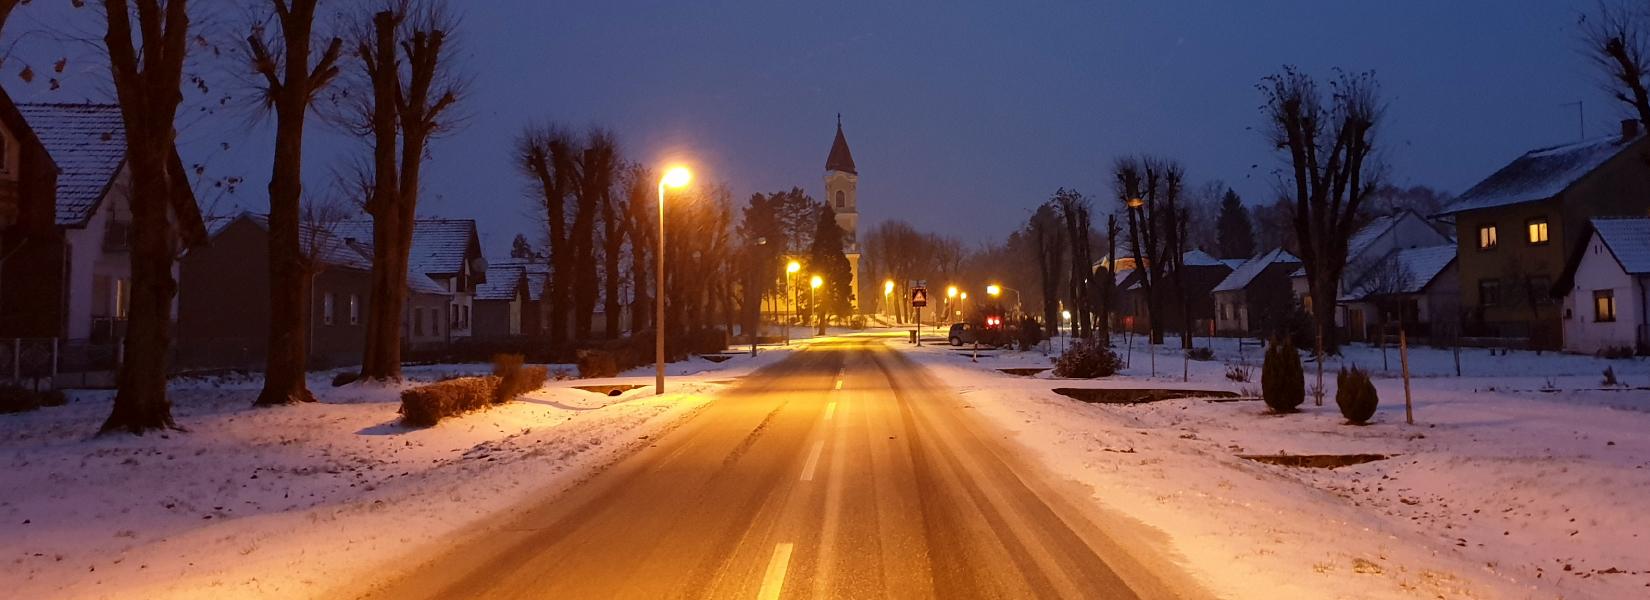 Špišić Bukovica - Ulica Vladimira Nazora 01-2019